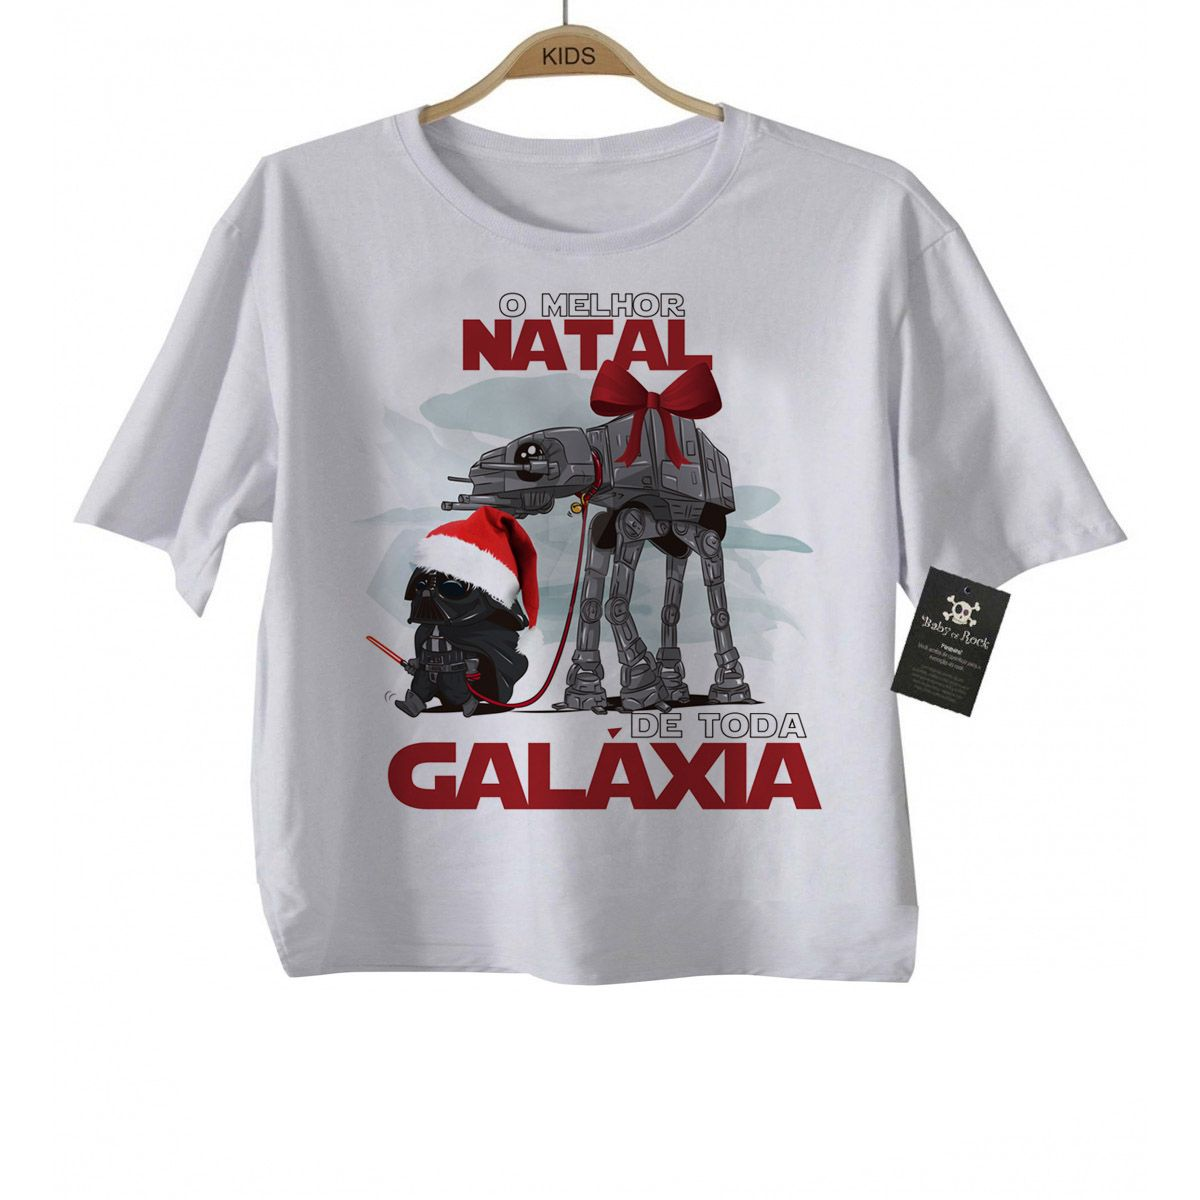 Camiseta de Rock Natal - Star Wars - White - BABY MONSTER ... 71e06d63d1d8c